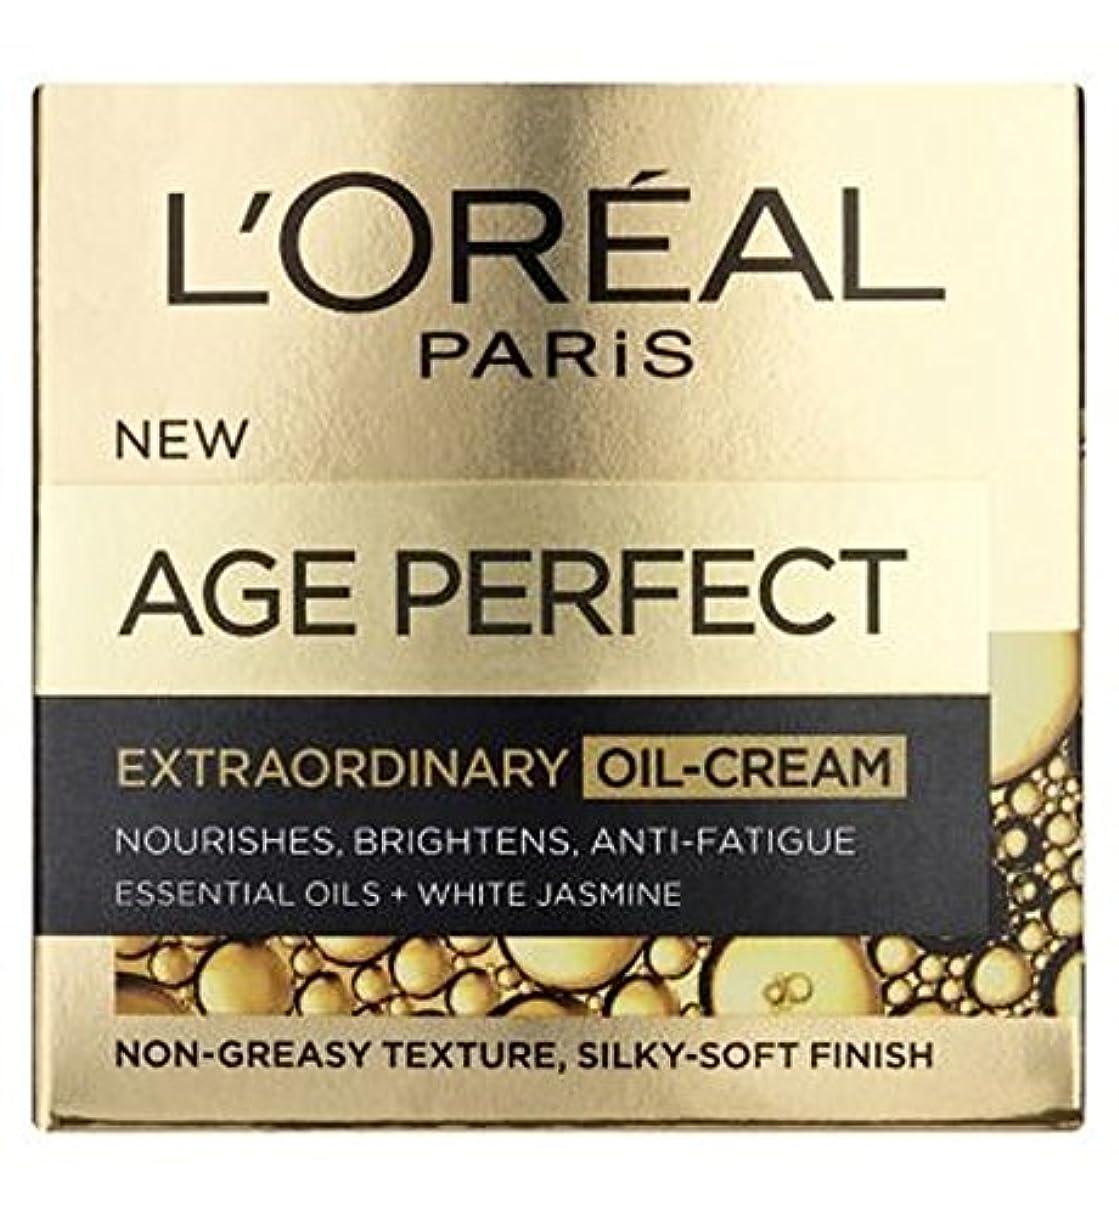 工場寄付計算可能L'Oreal Paris Extraordinary Oil Cream - ロレアルパリ臨時油クリーム (L'Oreal) [並行輸入品]